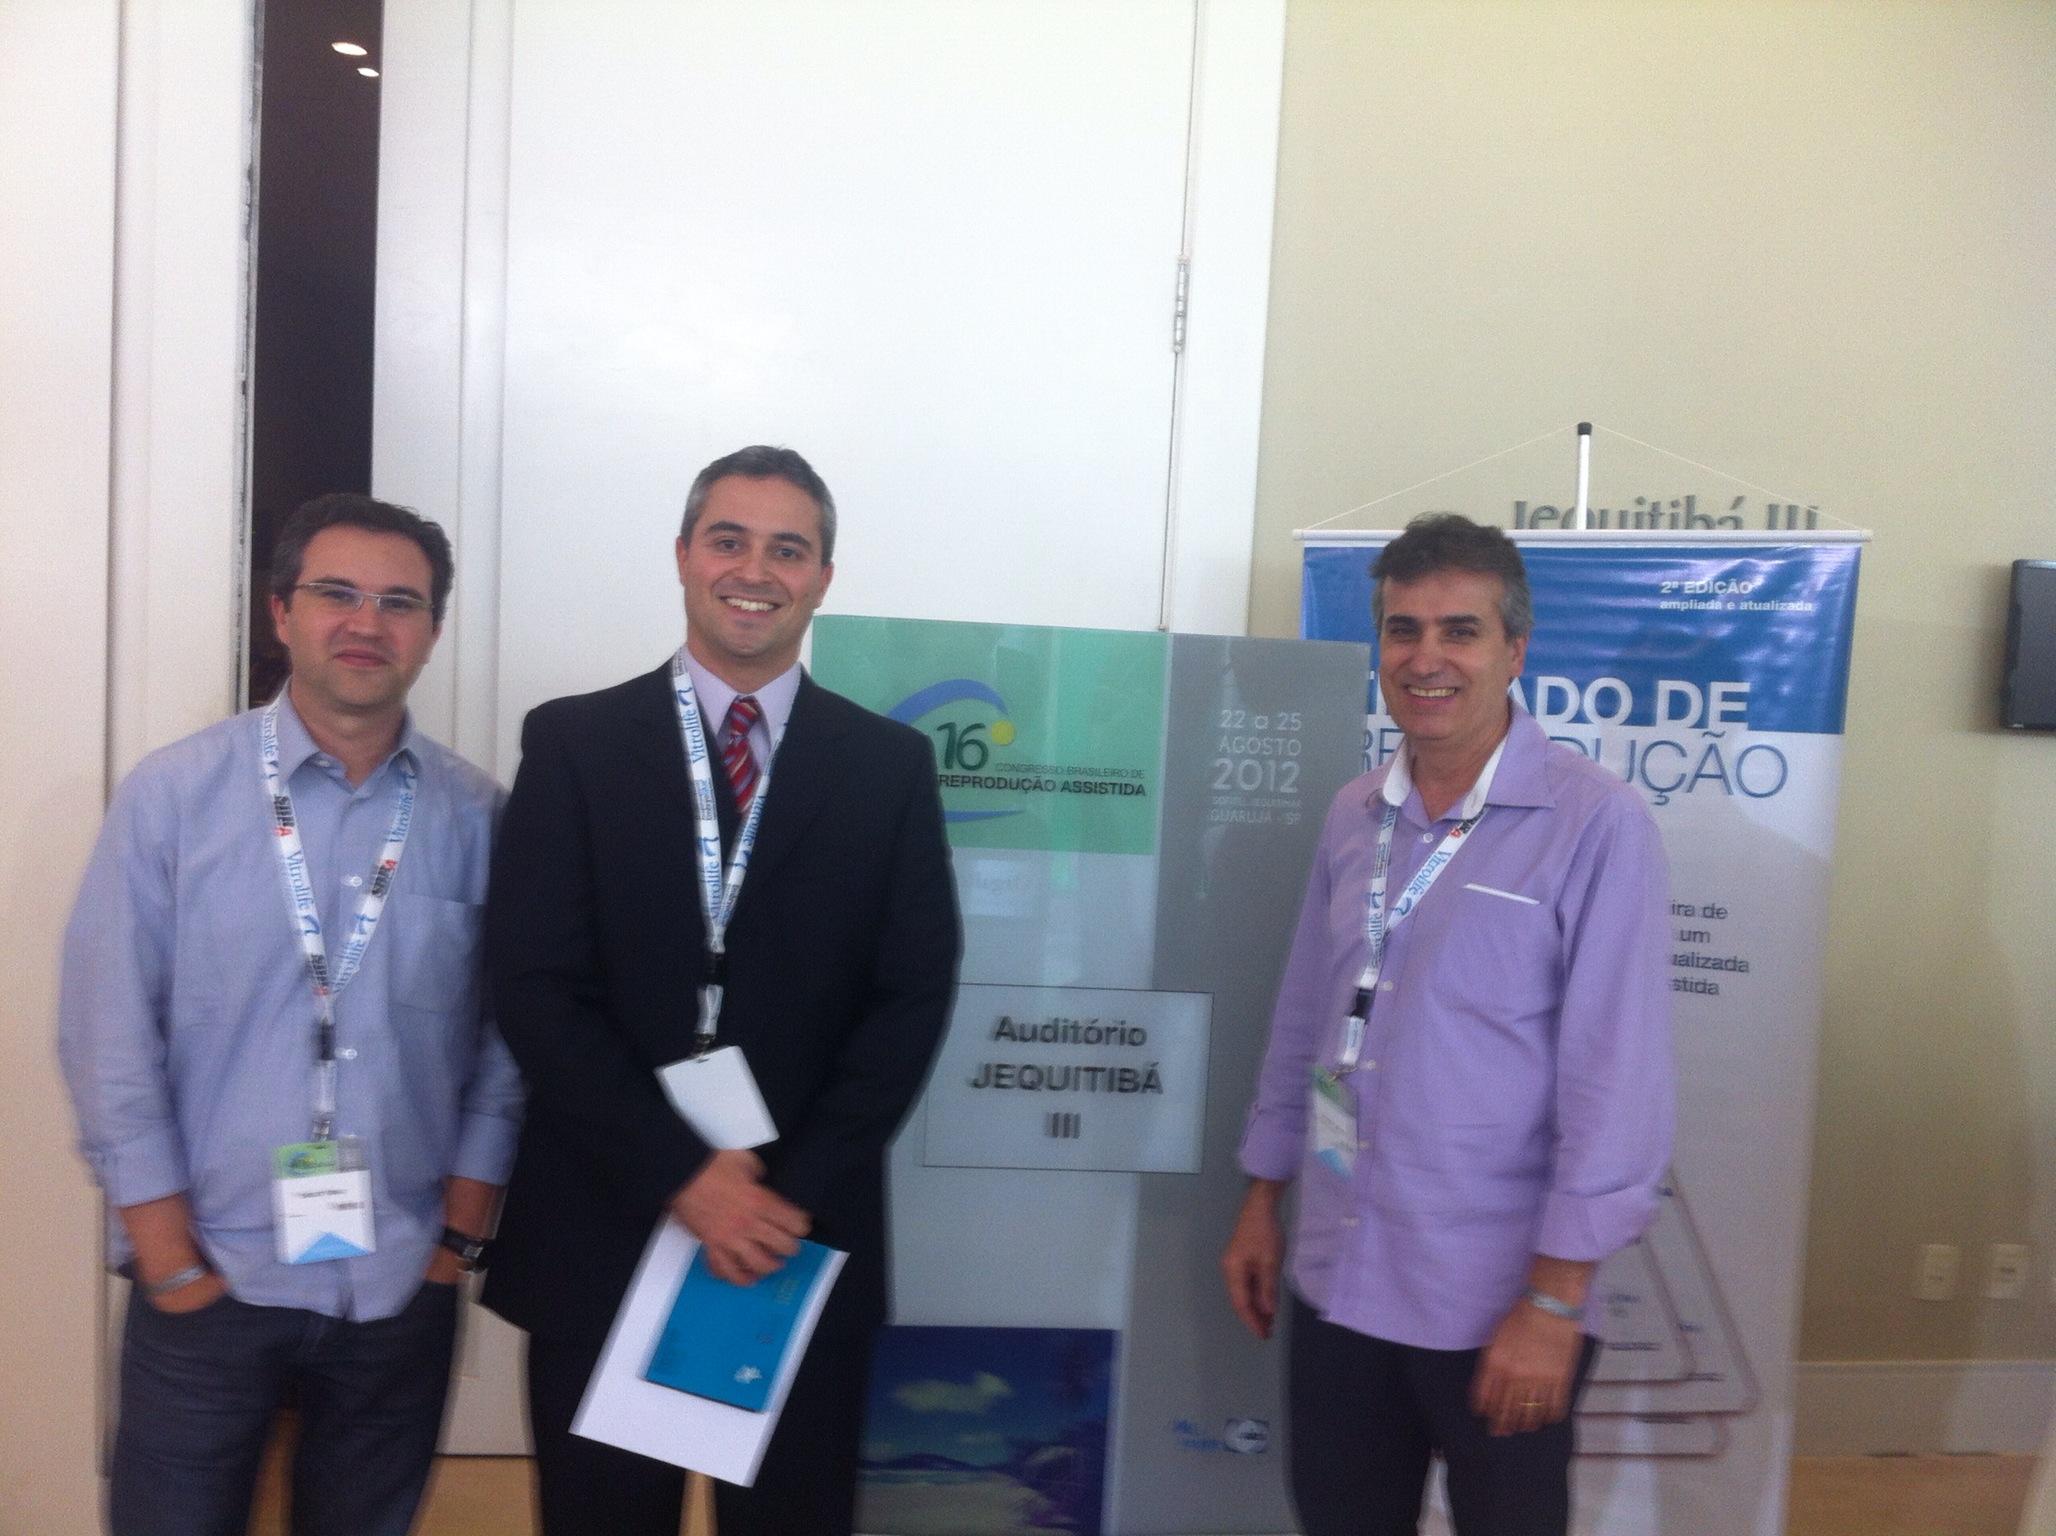 Vilara esteve presente no XVI Congresso da Sociedade Brasileira de Reprodução Assistida